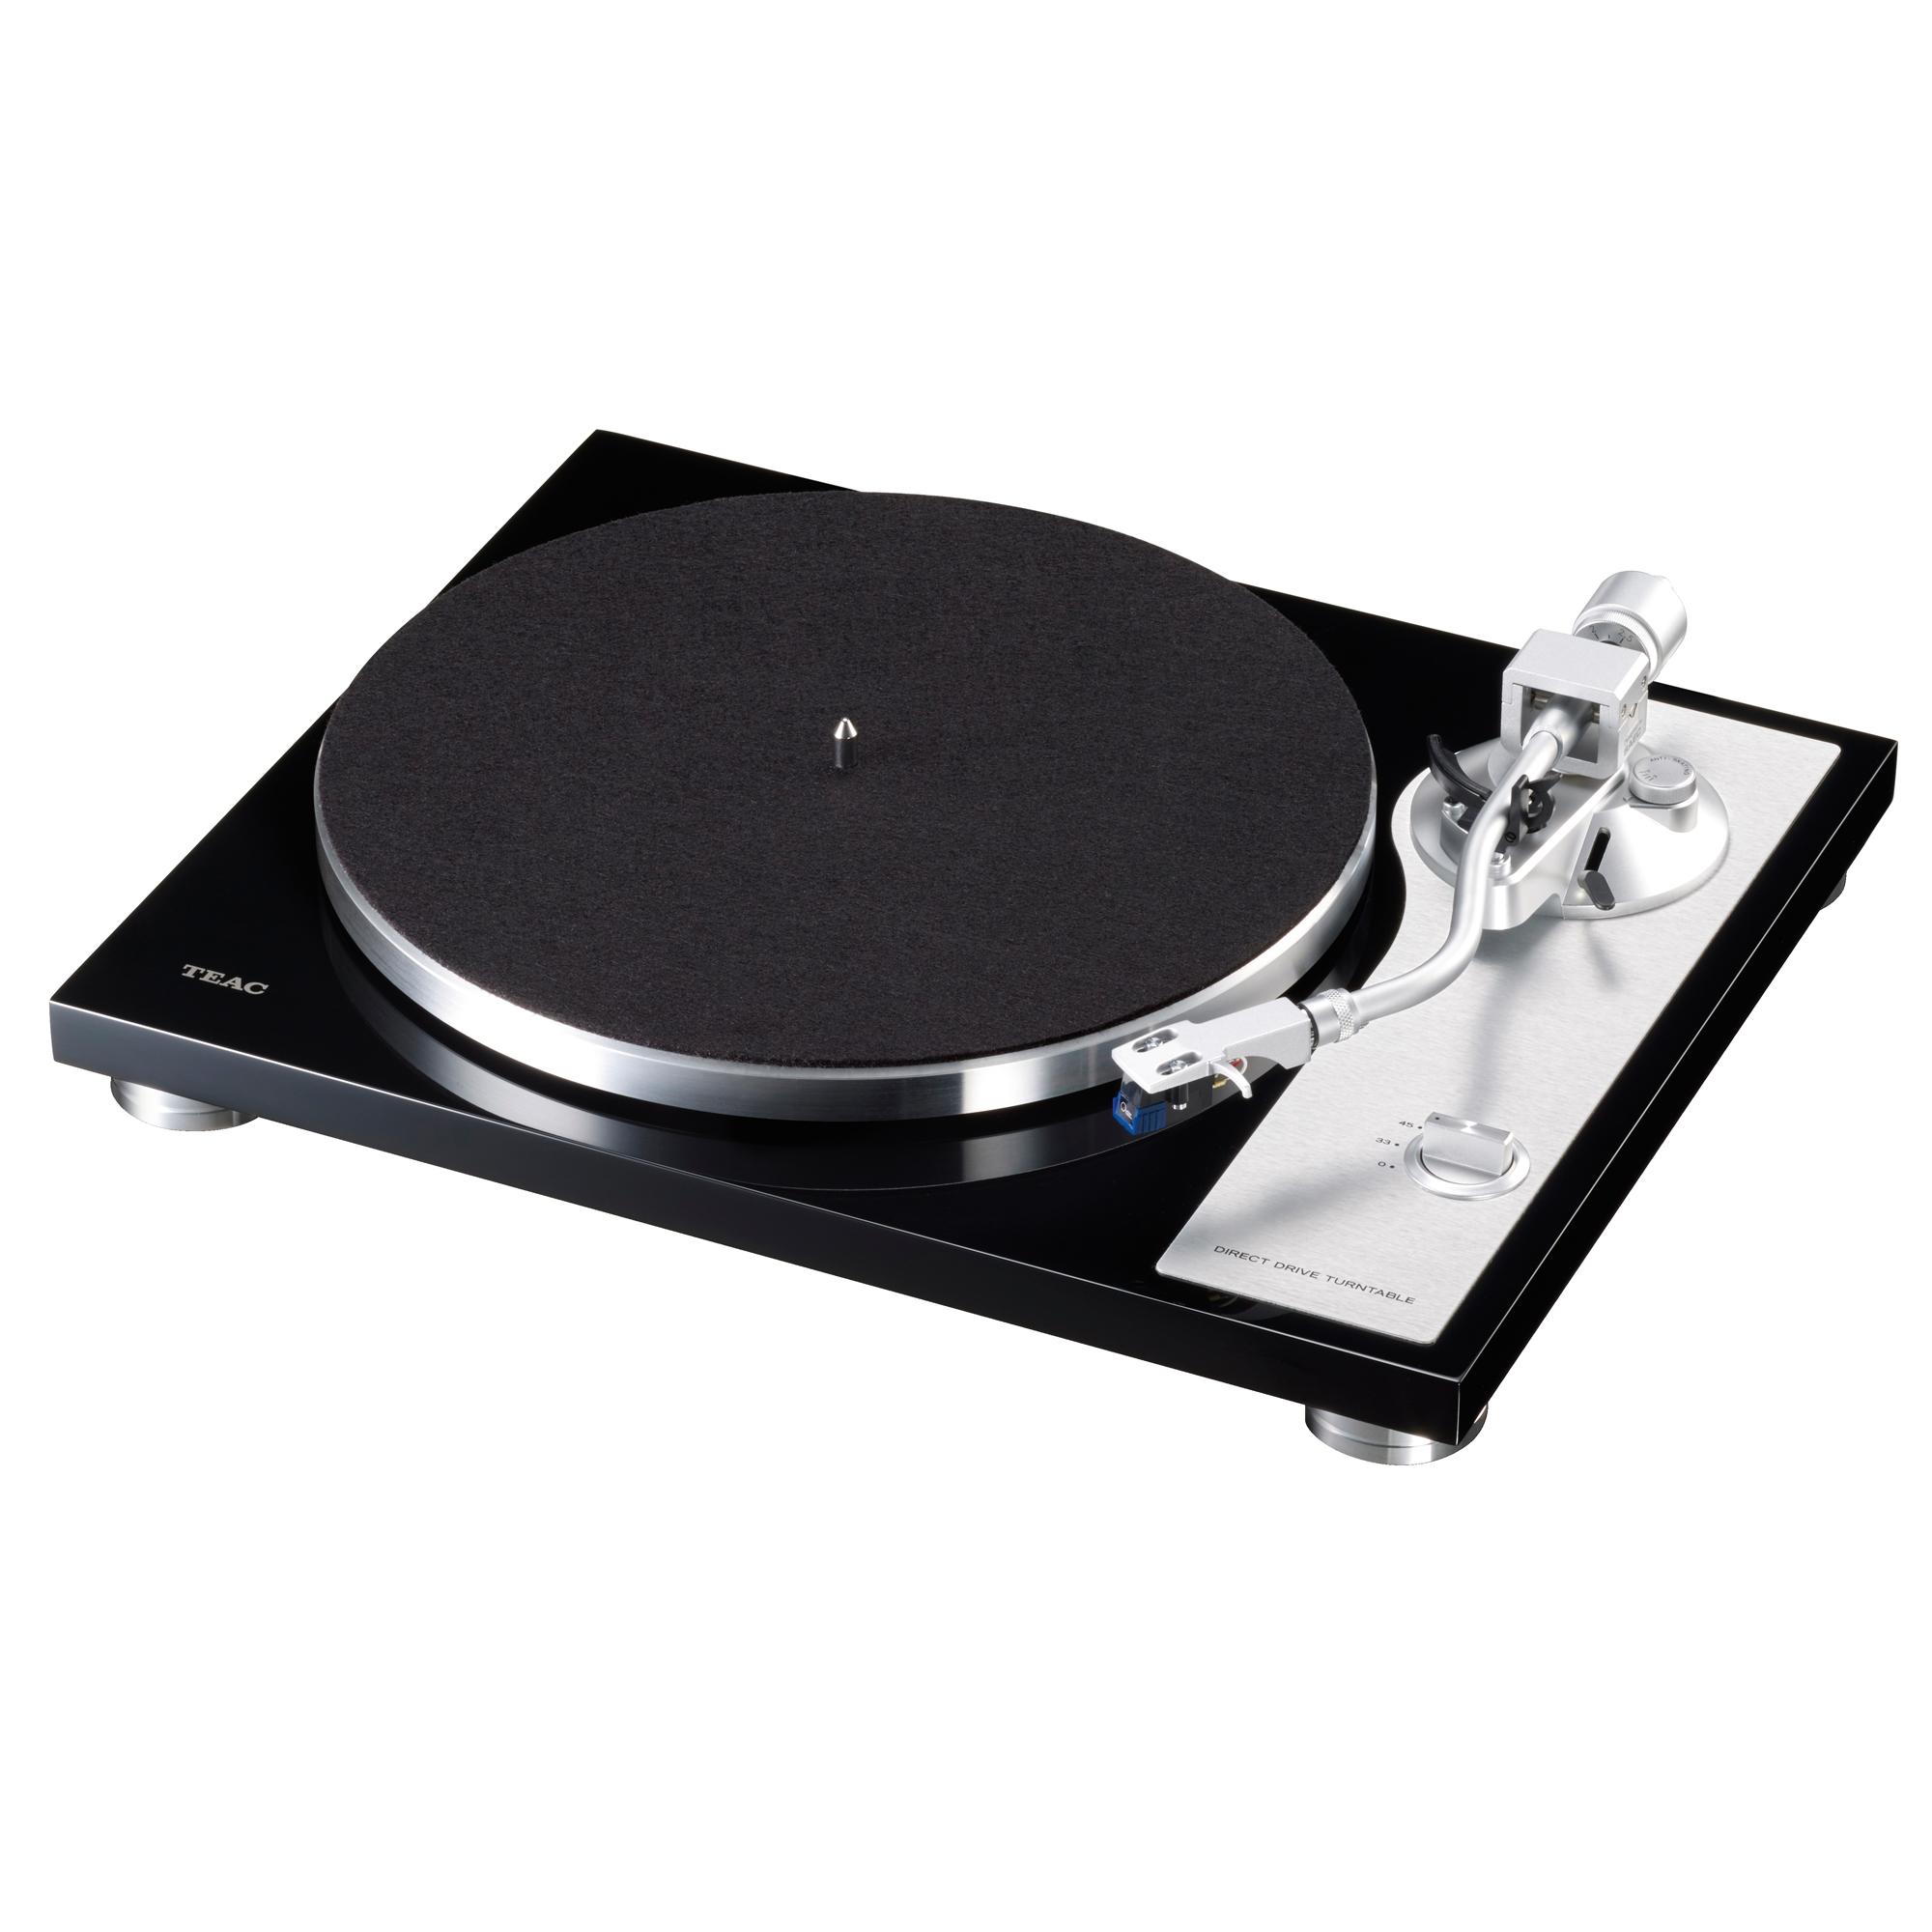 Teac TN-4D schwarz Plattenspieler 44188